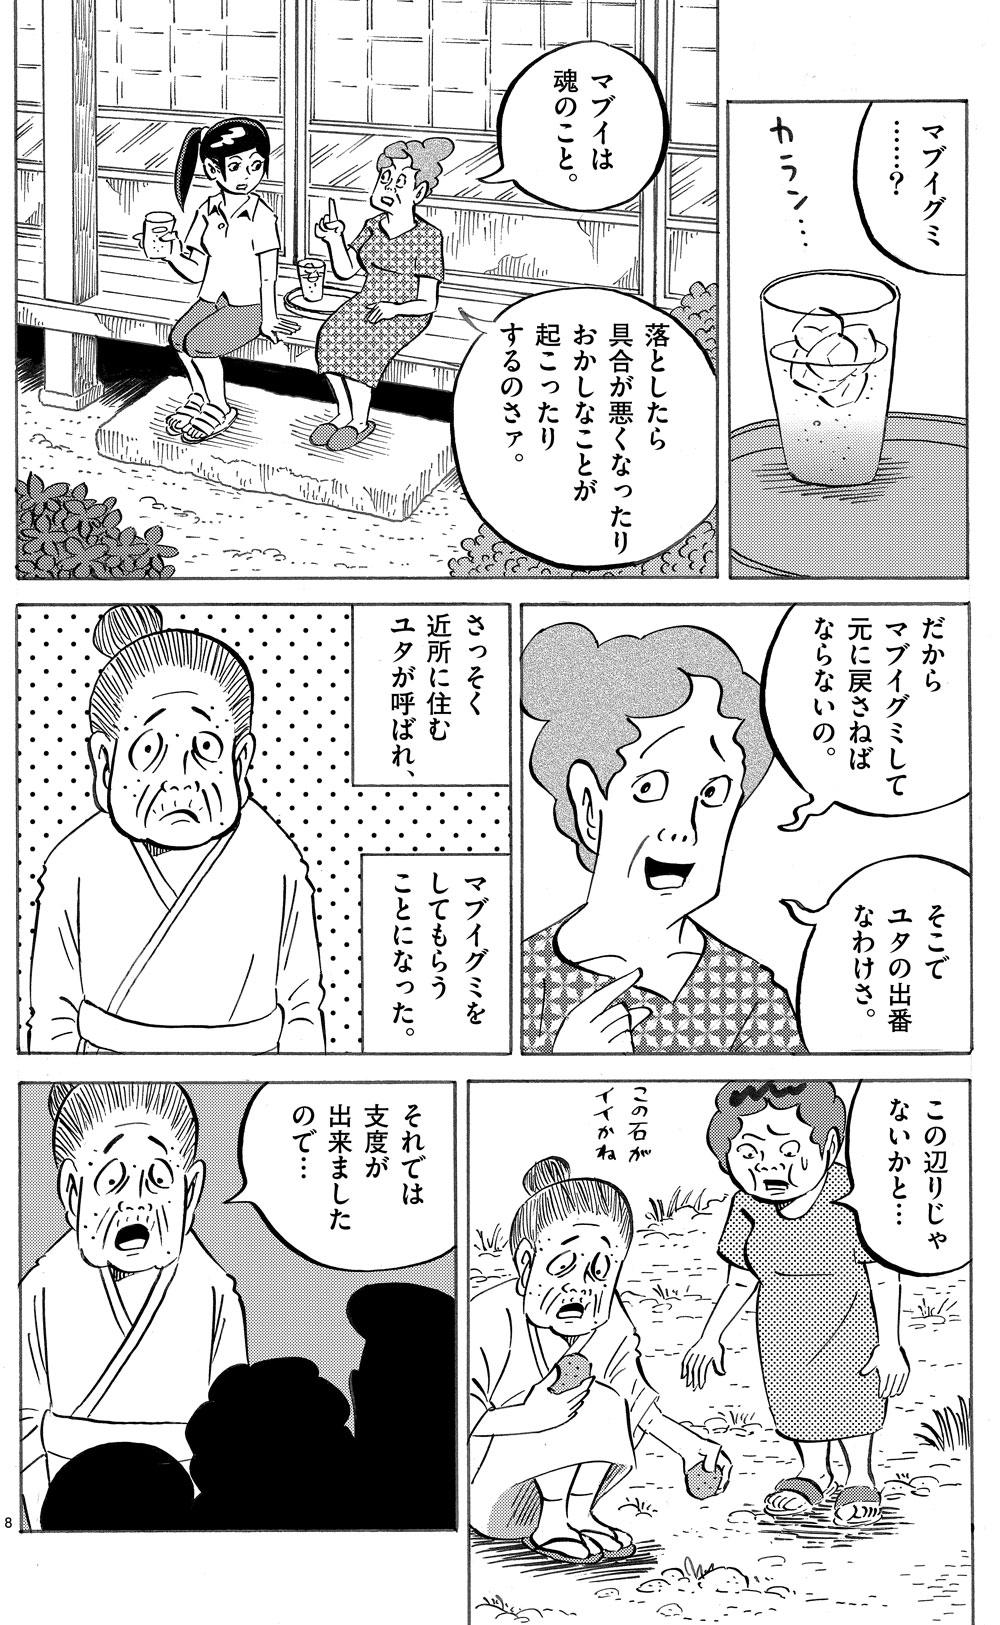 琉球怪談 【第3話】WEB掲載8ページ目画像